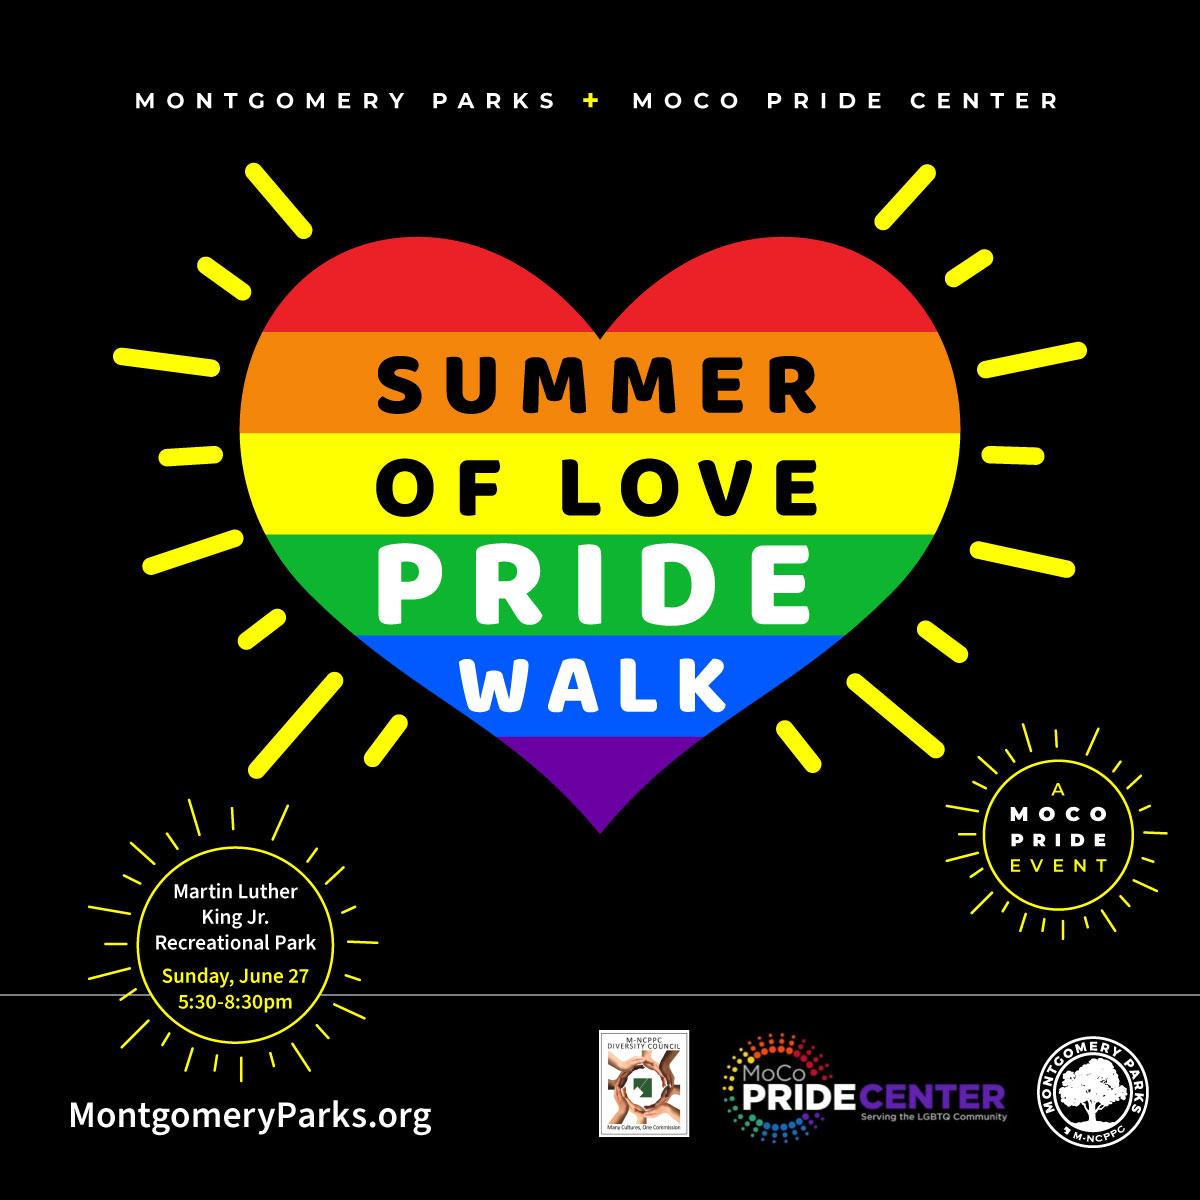 Summer of Love PRIDE Walk